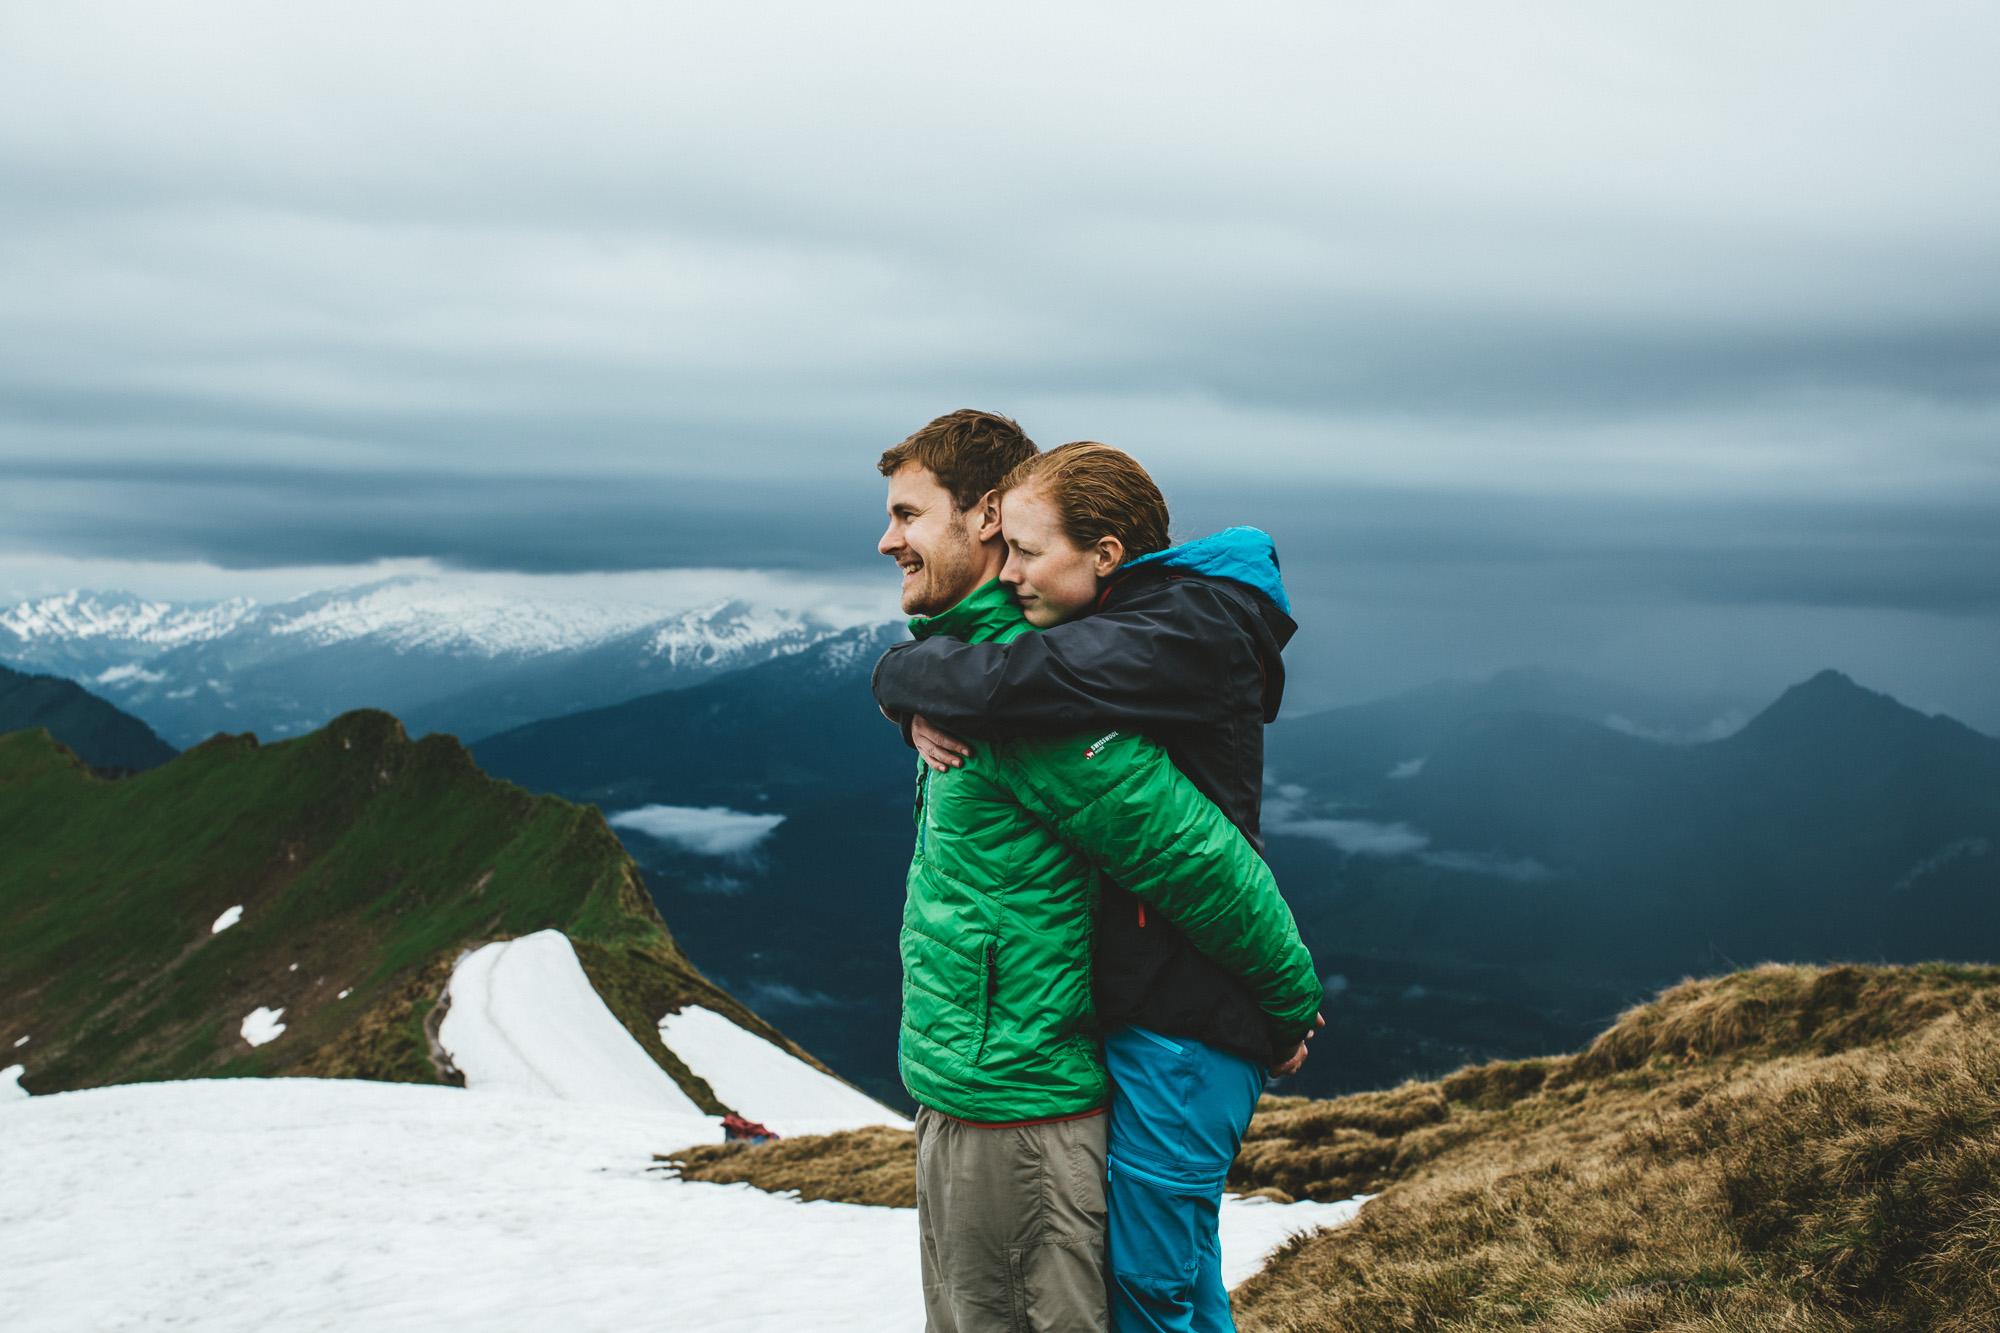 svea und keve 023 - Nur zu zweit in den Bergen